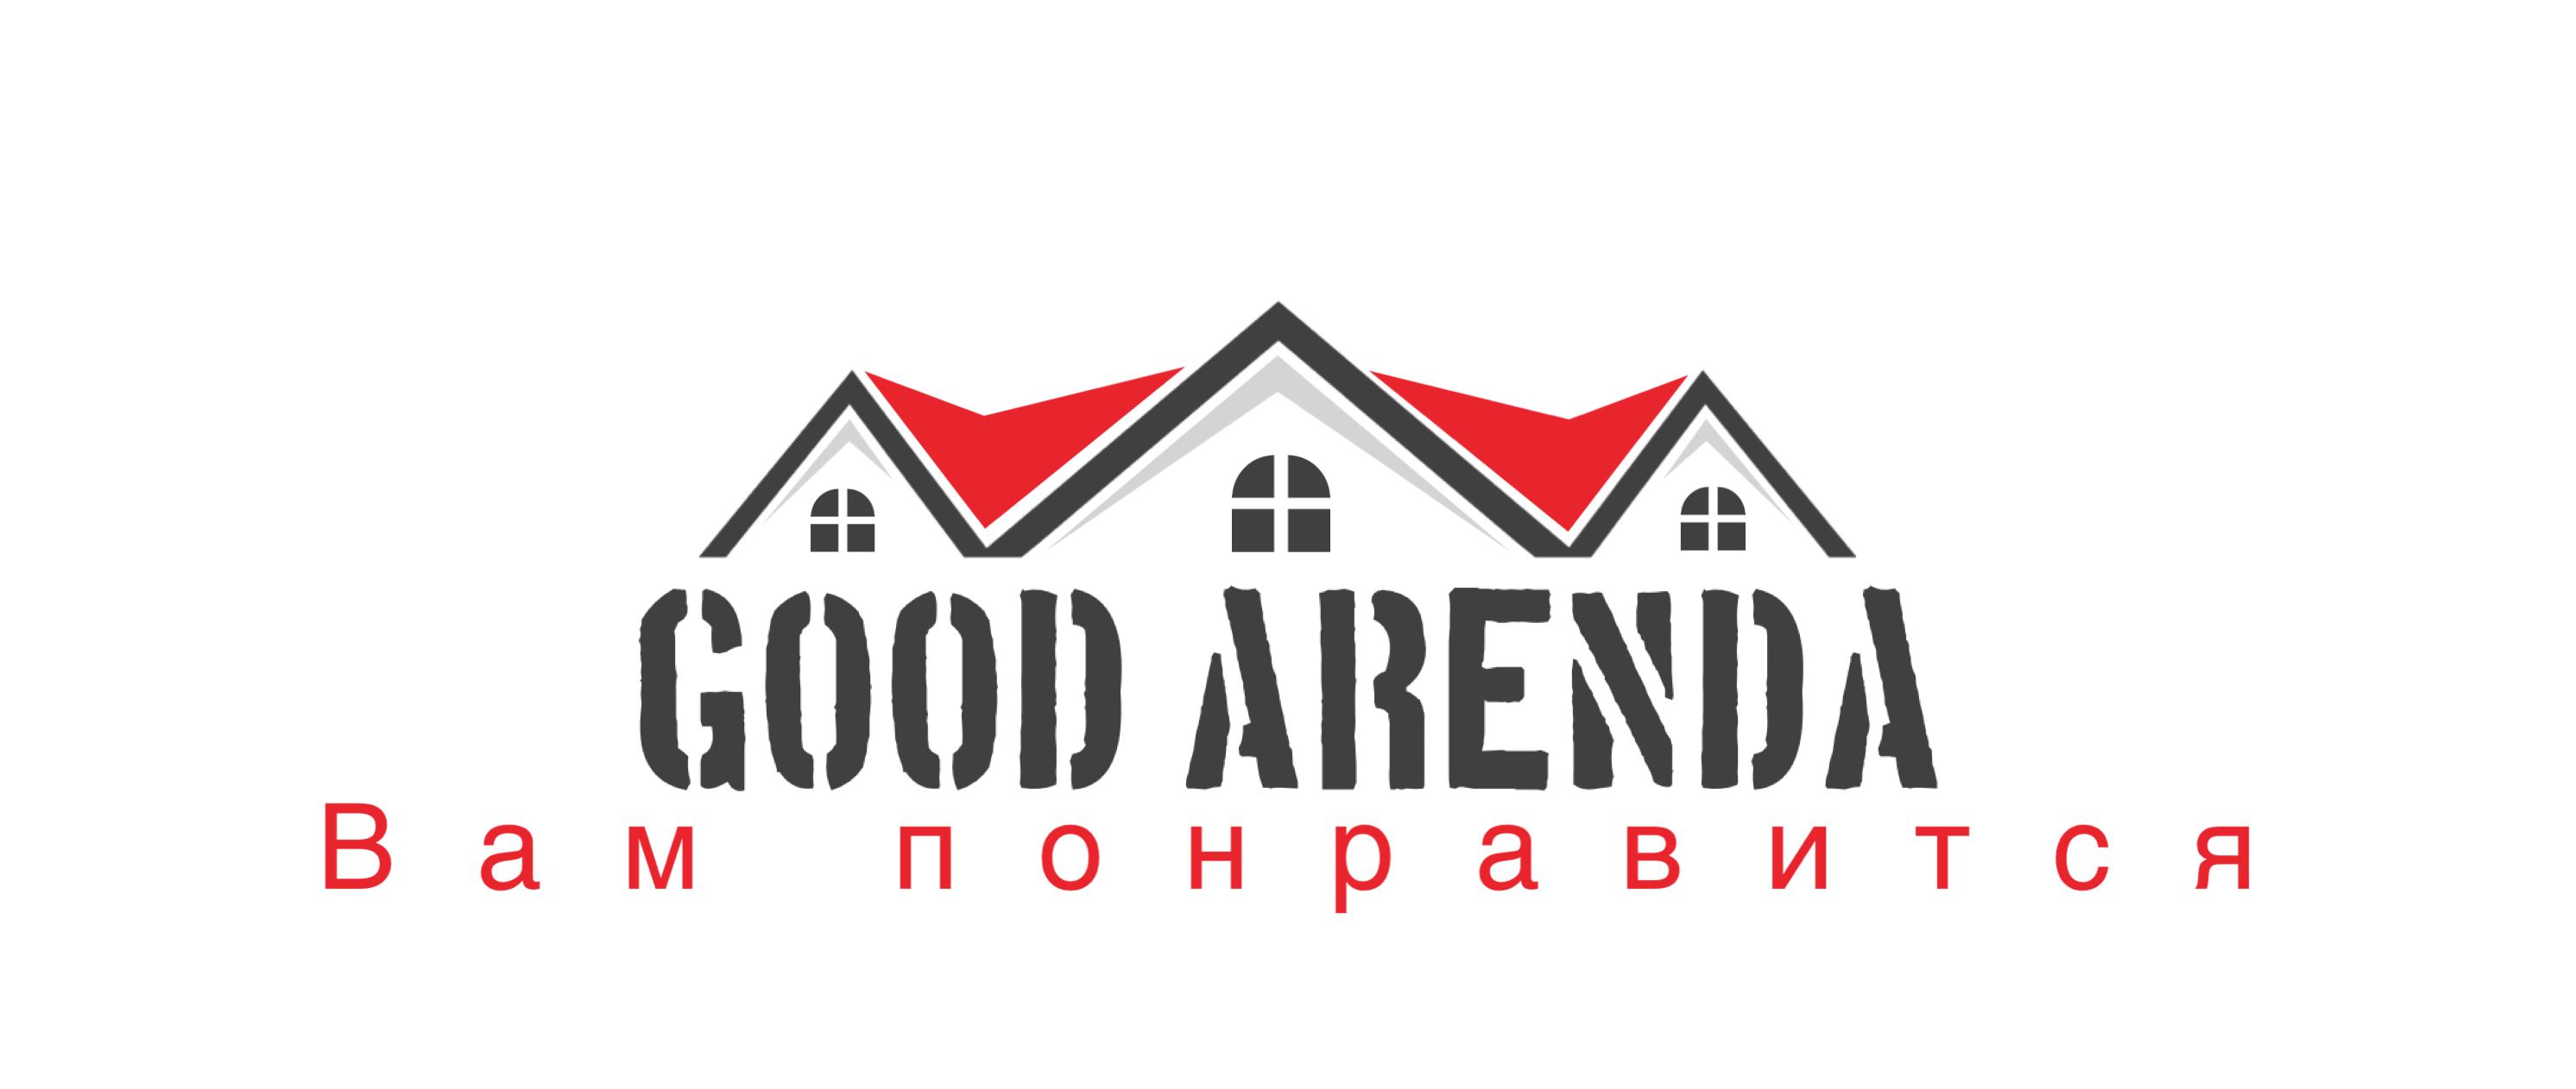 Good-Arenda